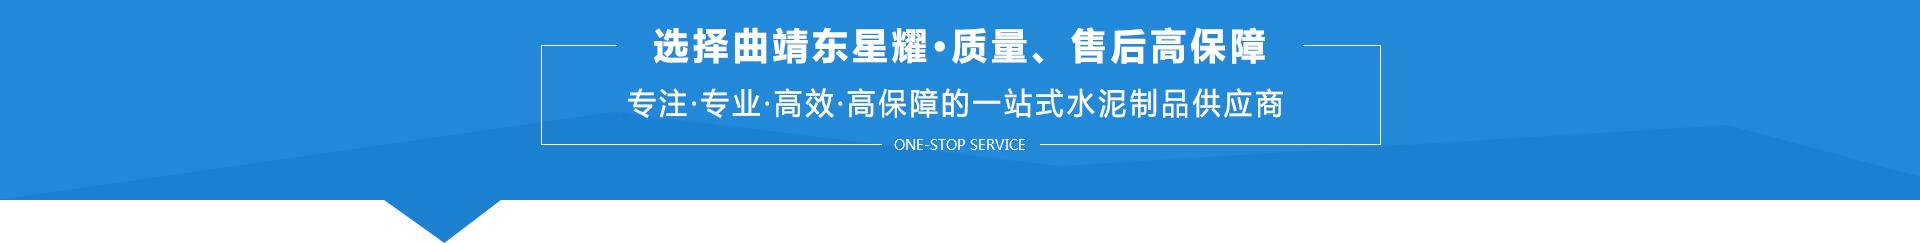 曲靖东星耀专注、专业、高效、高保障的一站式水泥制品供应商